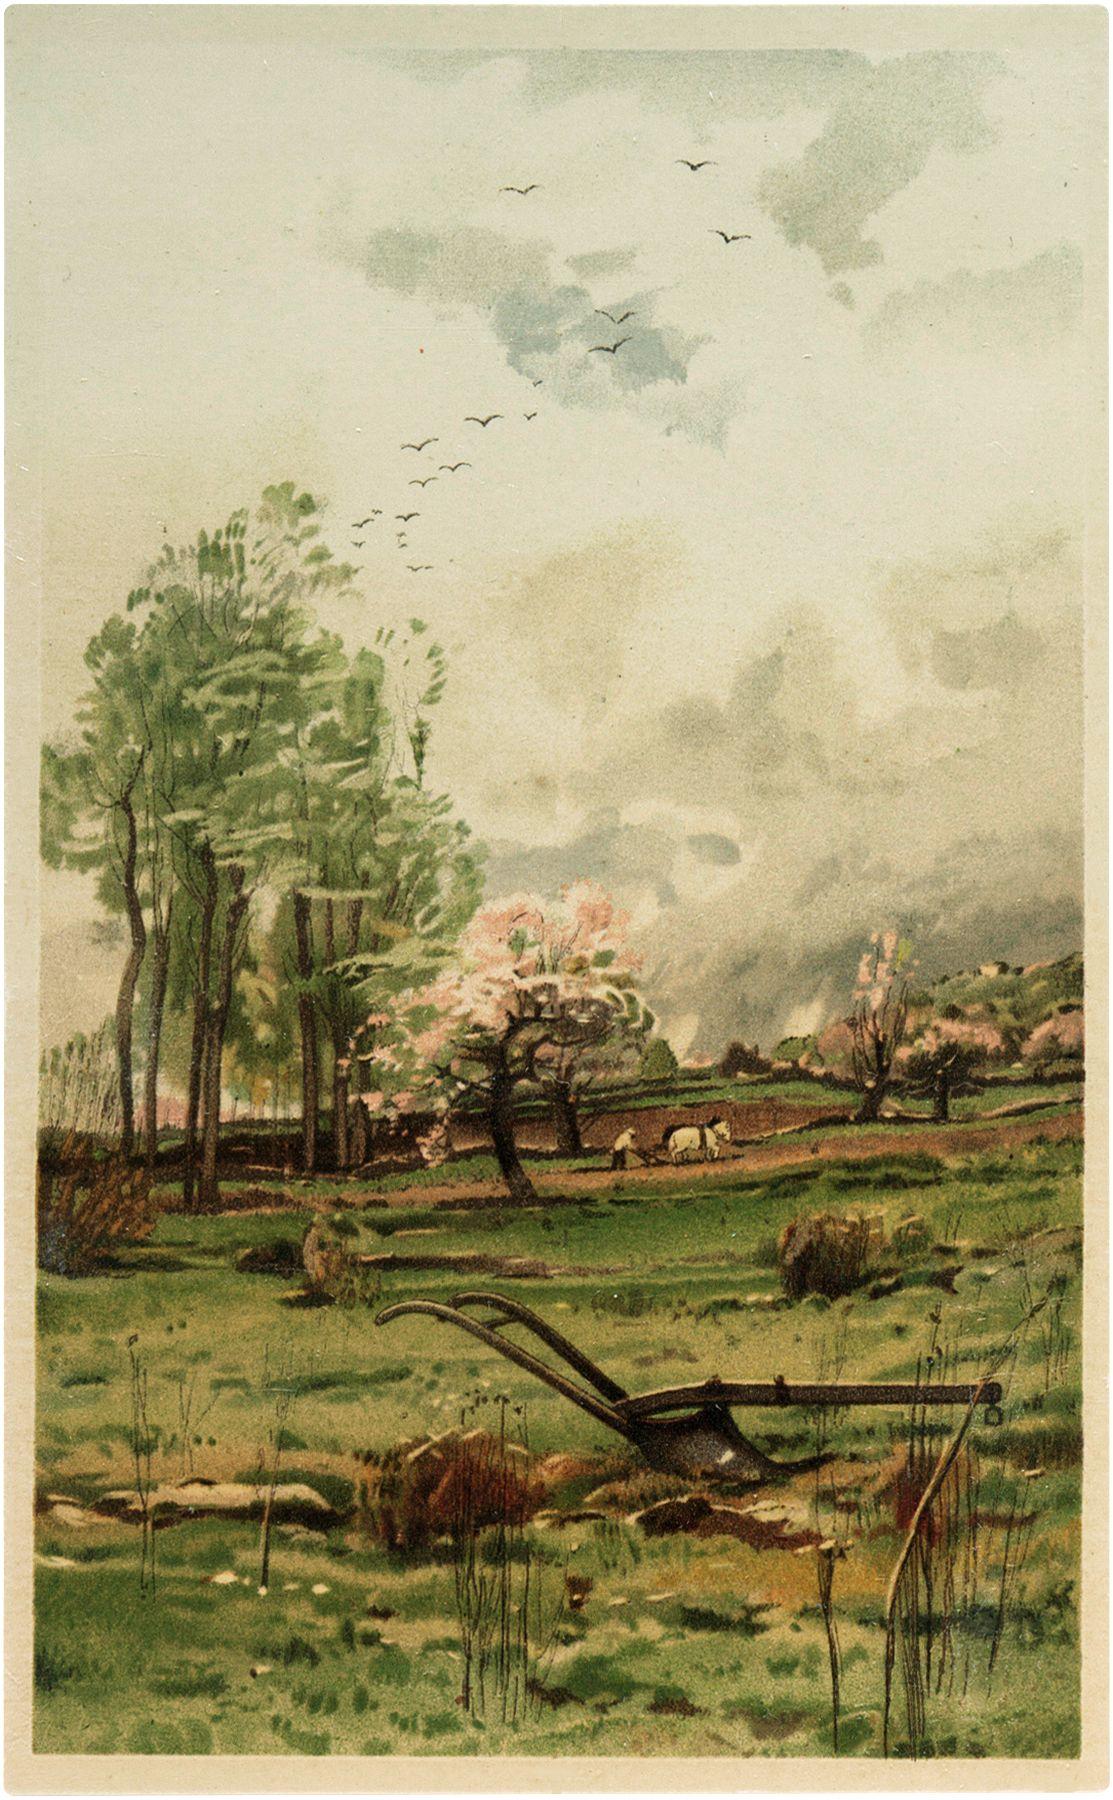 Charming Vintage Farming Landscape Image Vintage Landscape Farm Prints Farm Art